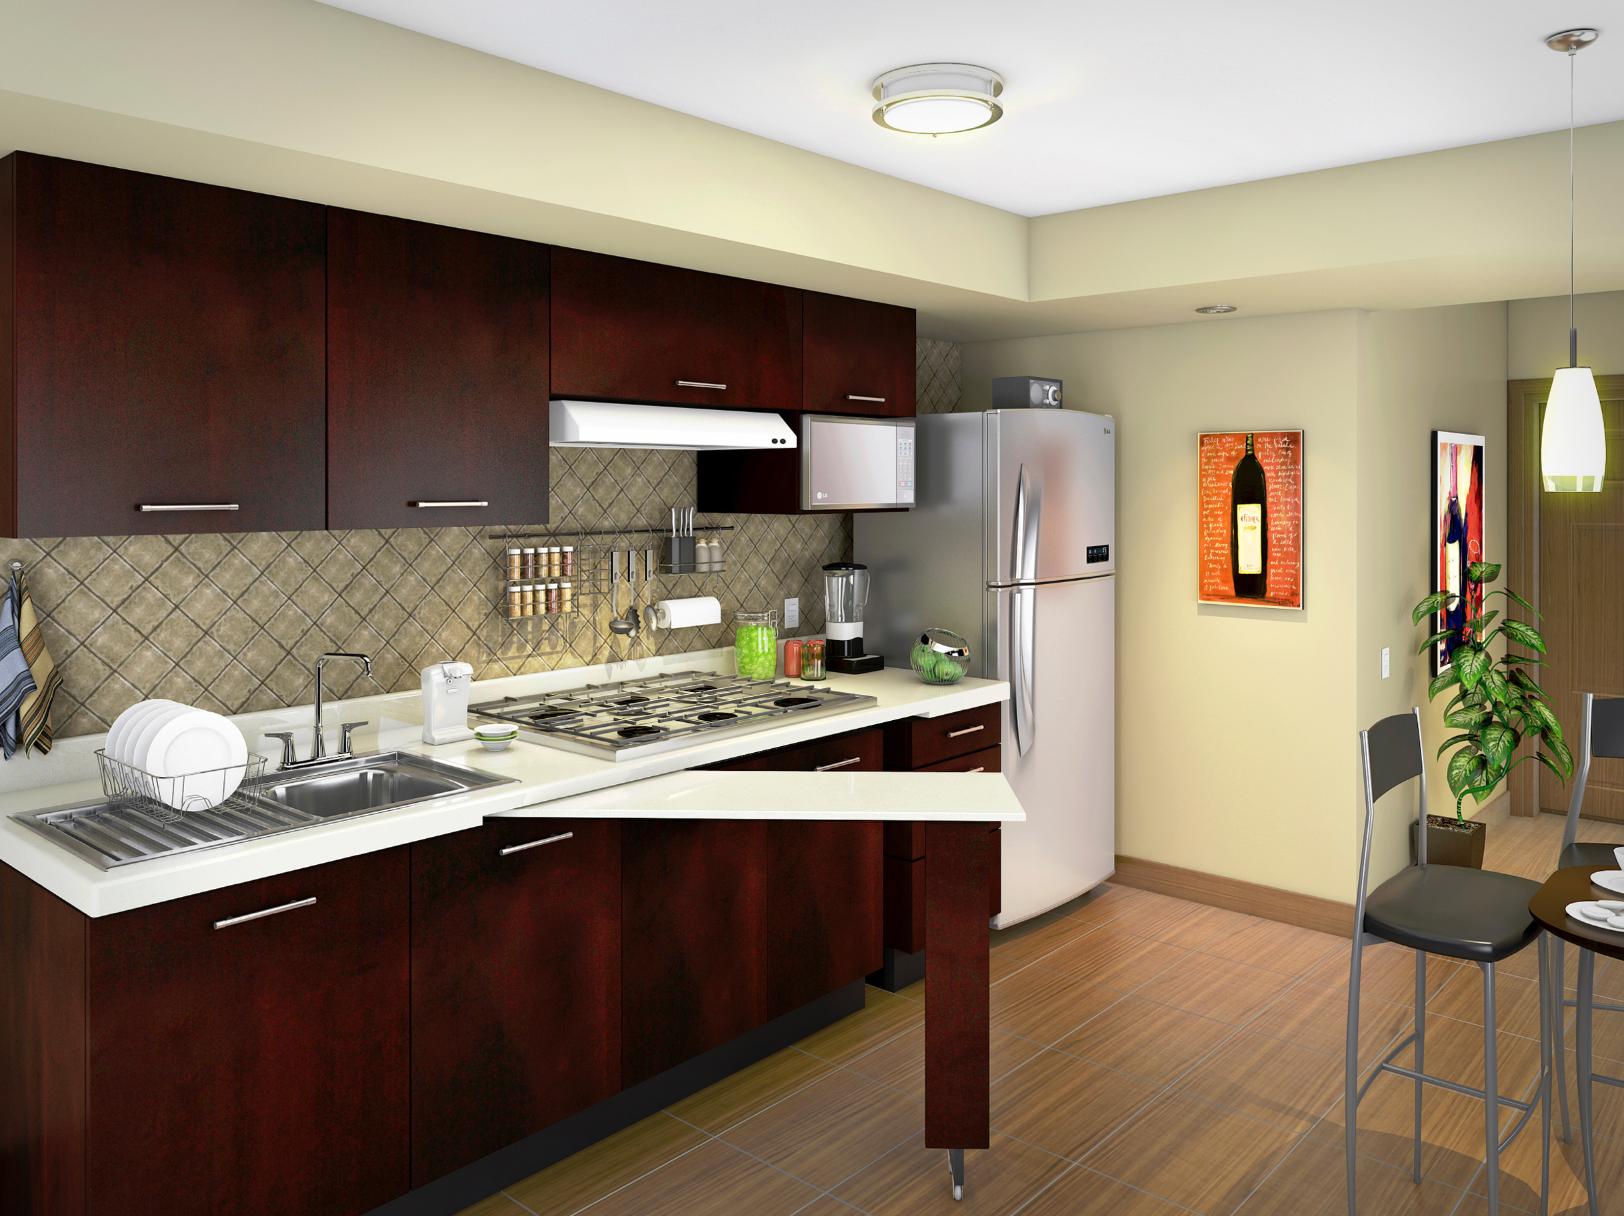 Paquete de cocina messina 2.4 m | Beige, El espacio y Aprovechado